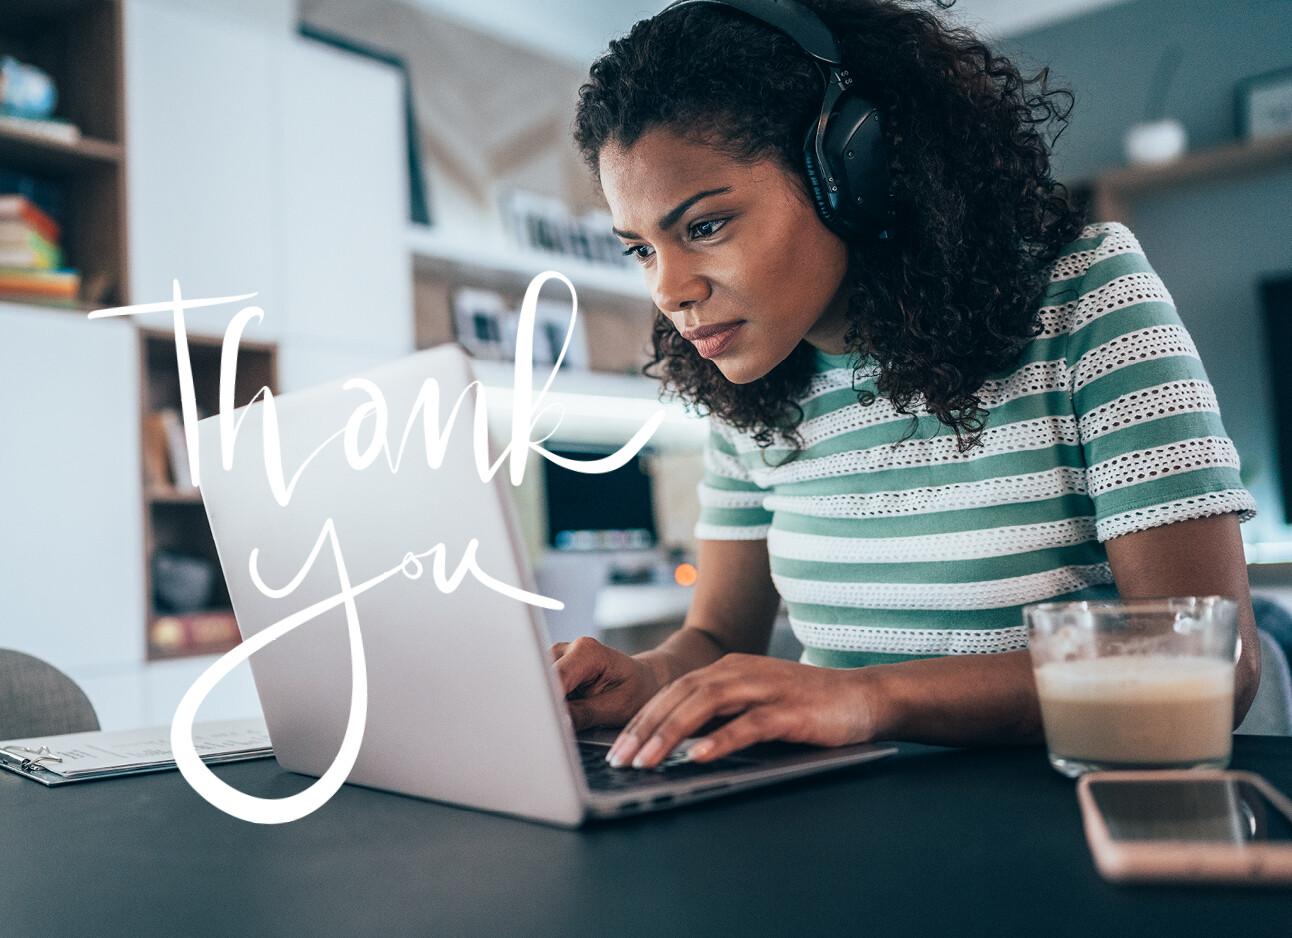 vrouw achter computer met grote koptelefoon